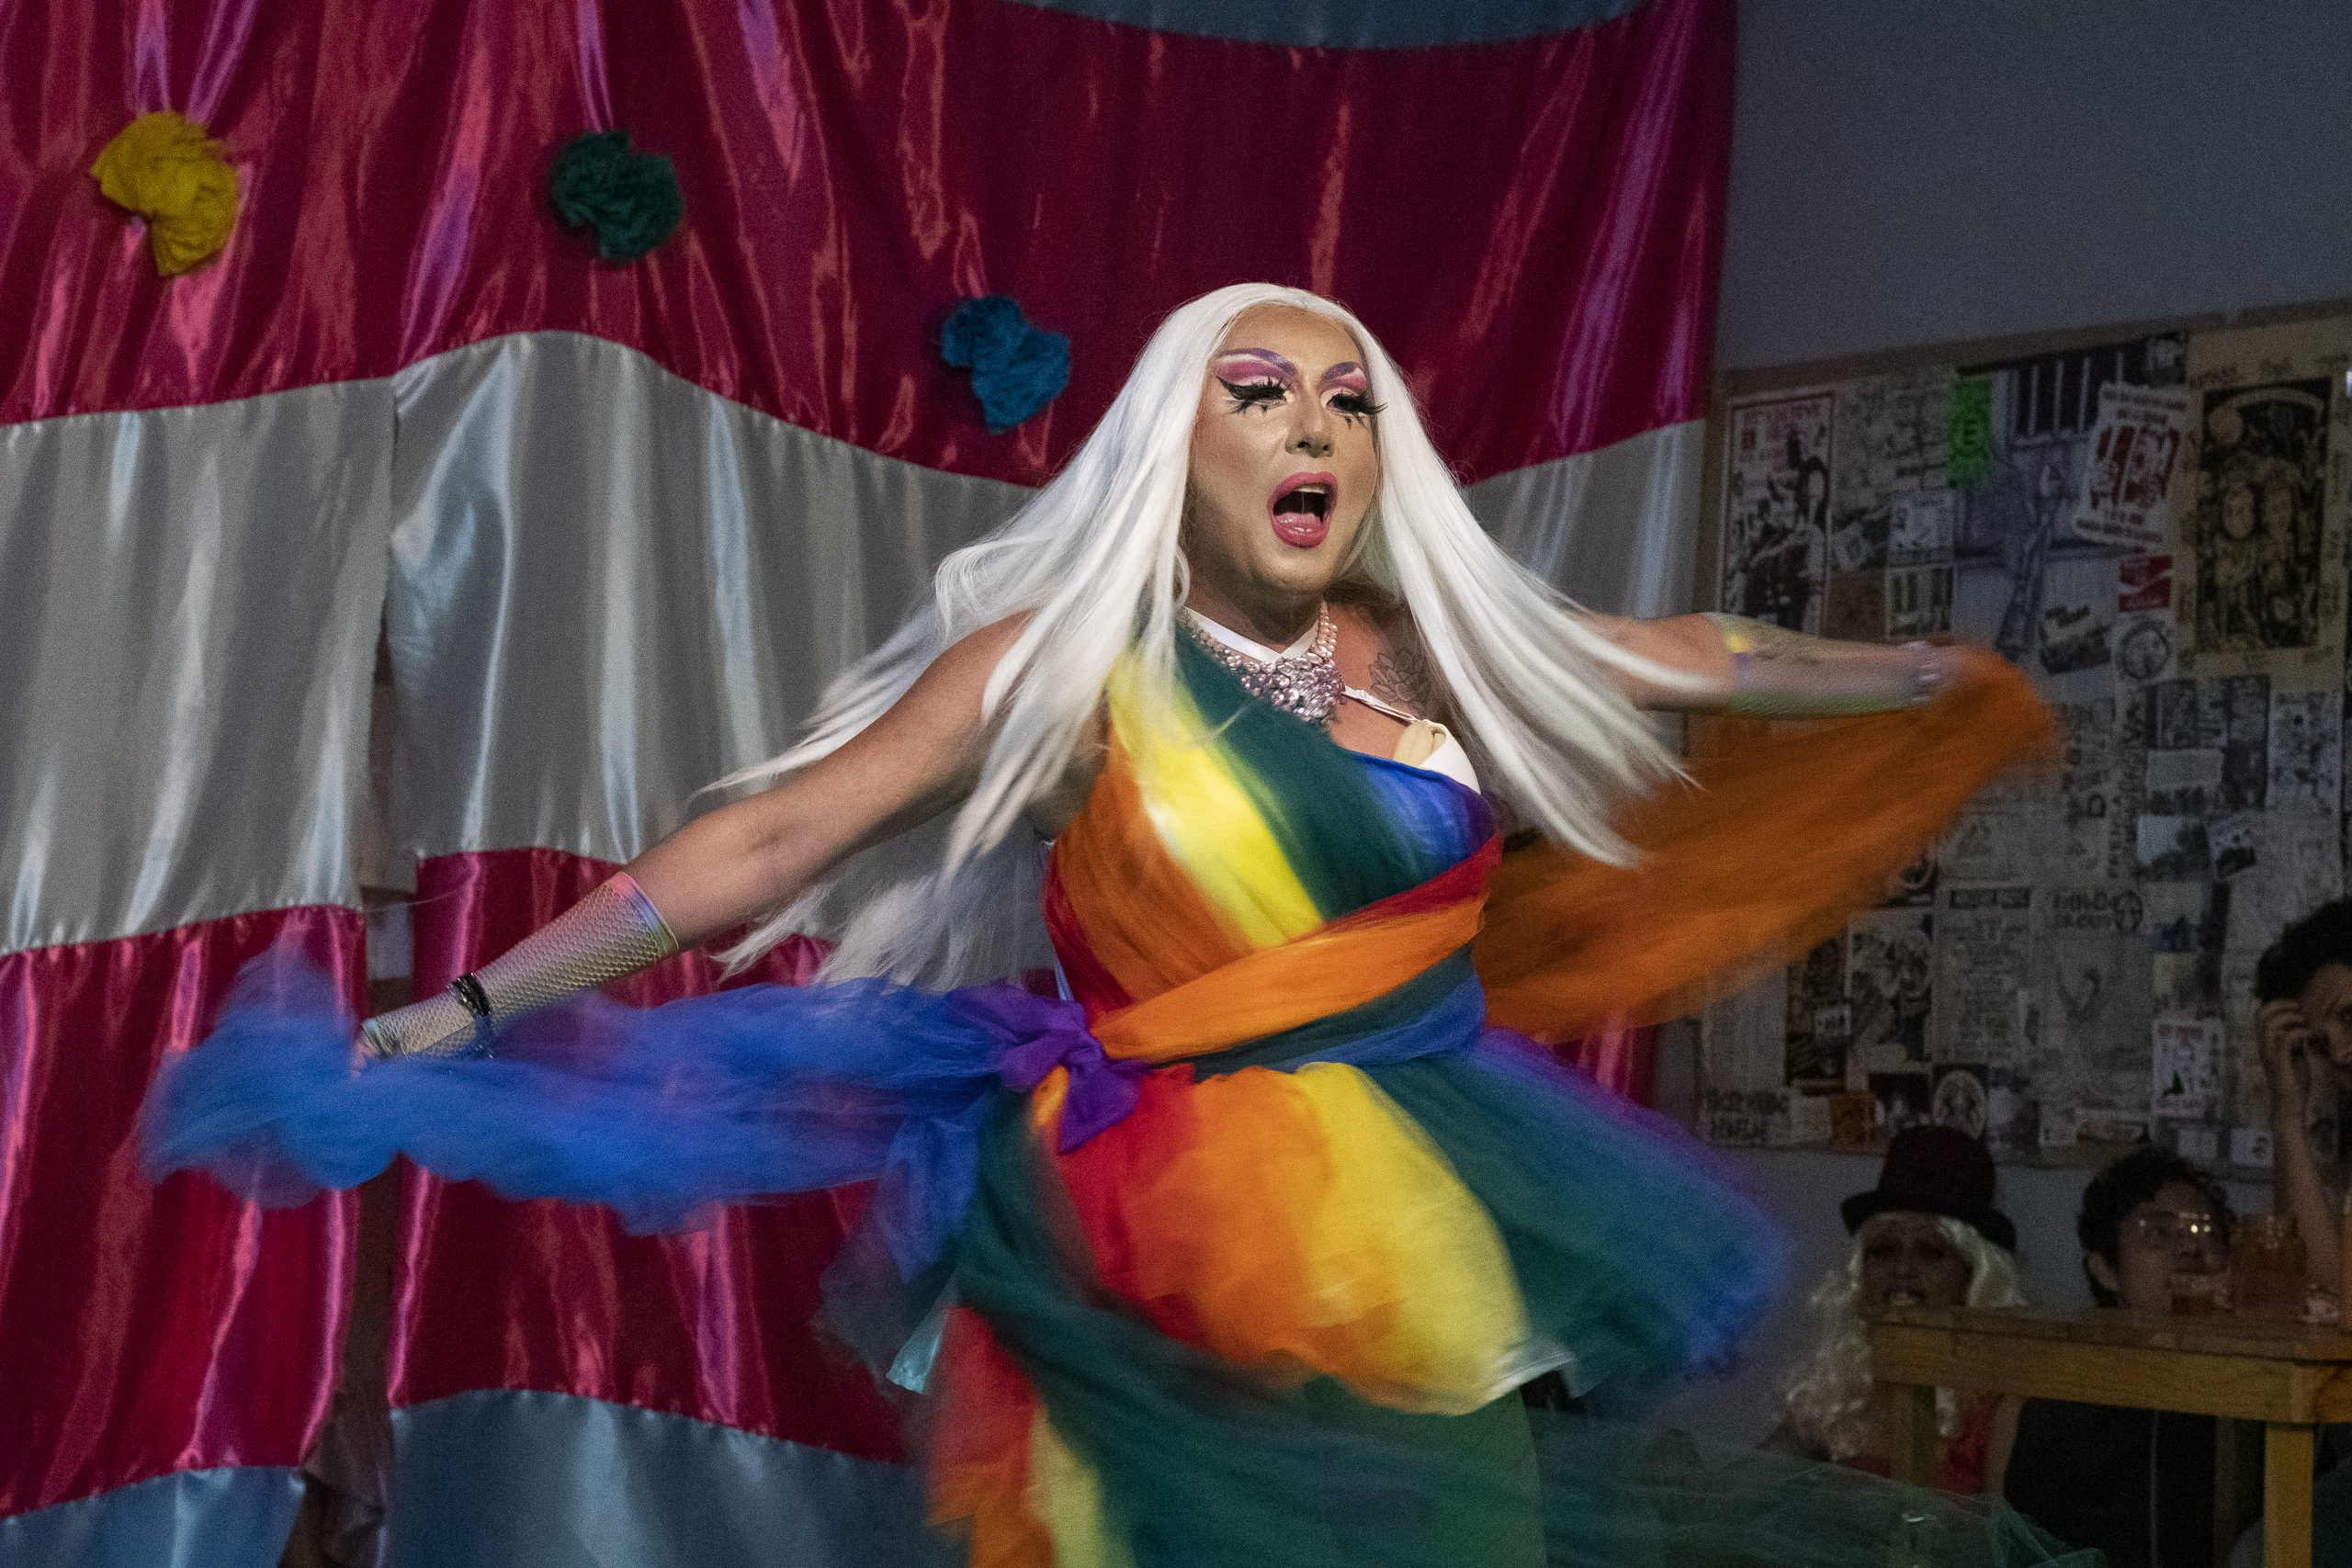 Orgullo diverso: mi primer experiencia con el mundo drag 👑